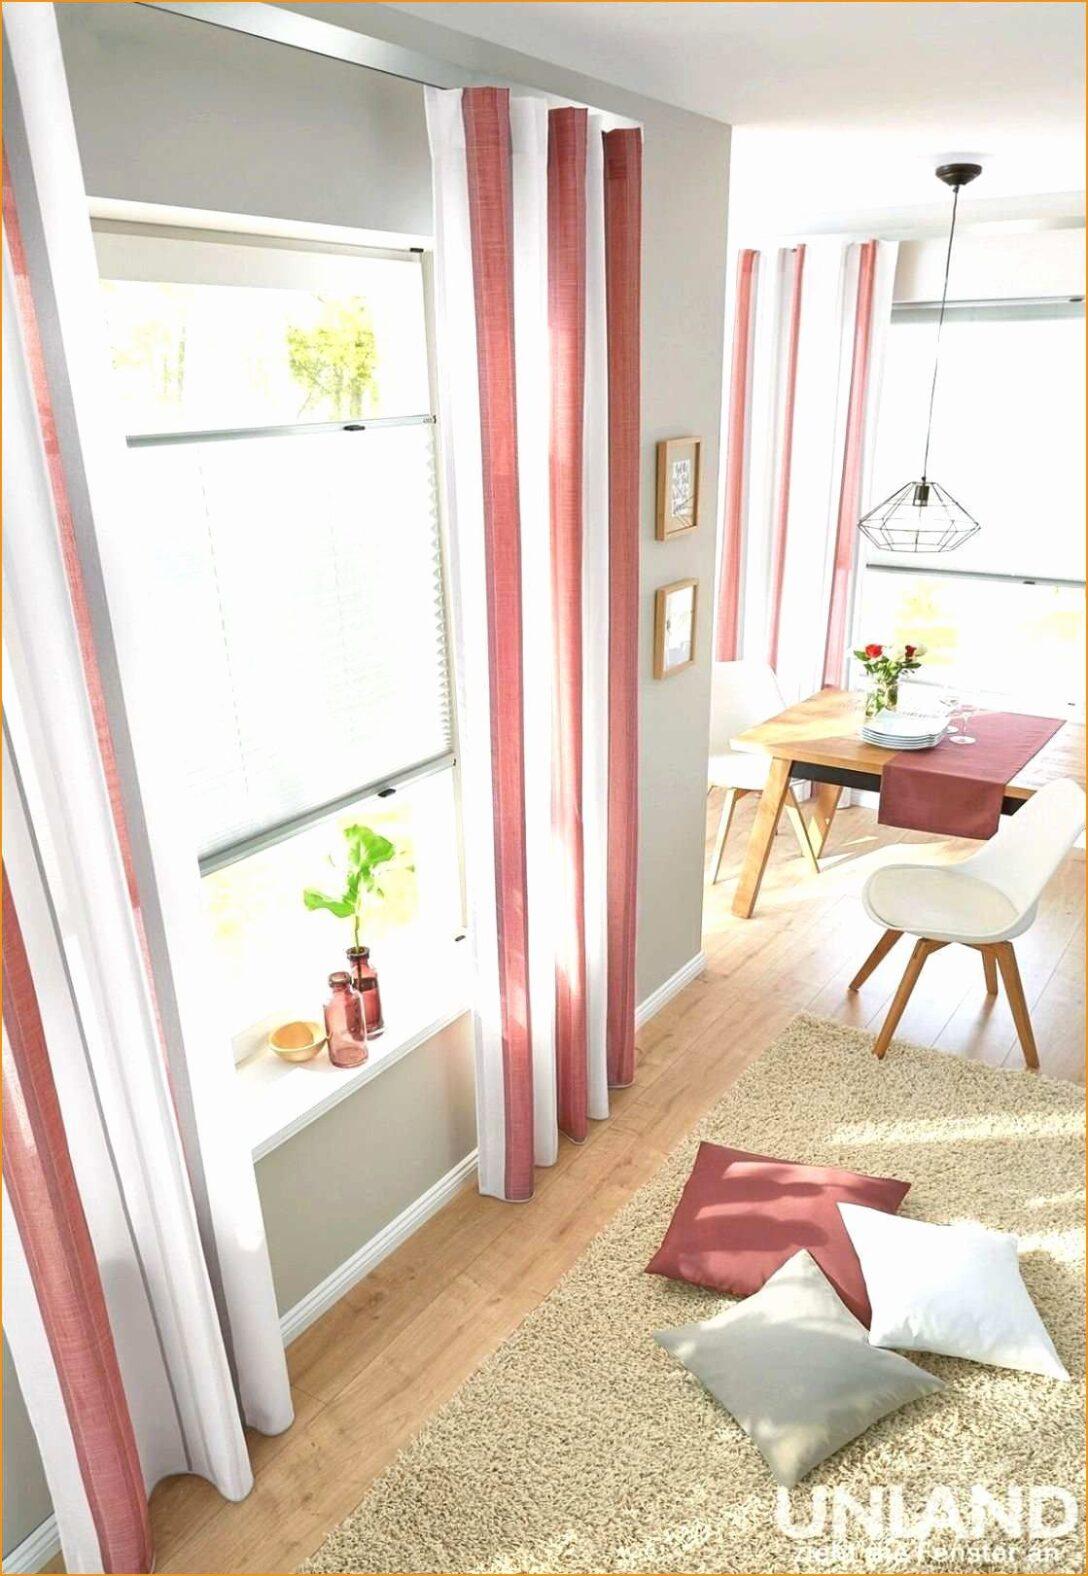 Large Size of Verdunkelung Kinderzimmer Pin Von Mareike Kohl Auf Tobi Fenster In 2020 Sessel Kaufen Regal Regale Weiß Sofa Kinderzimmer Verdunkelung Kinderzimmer